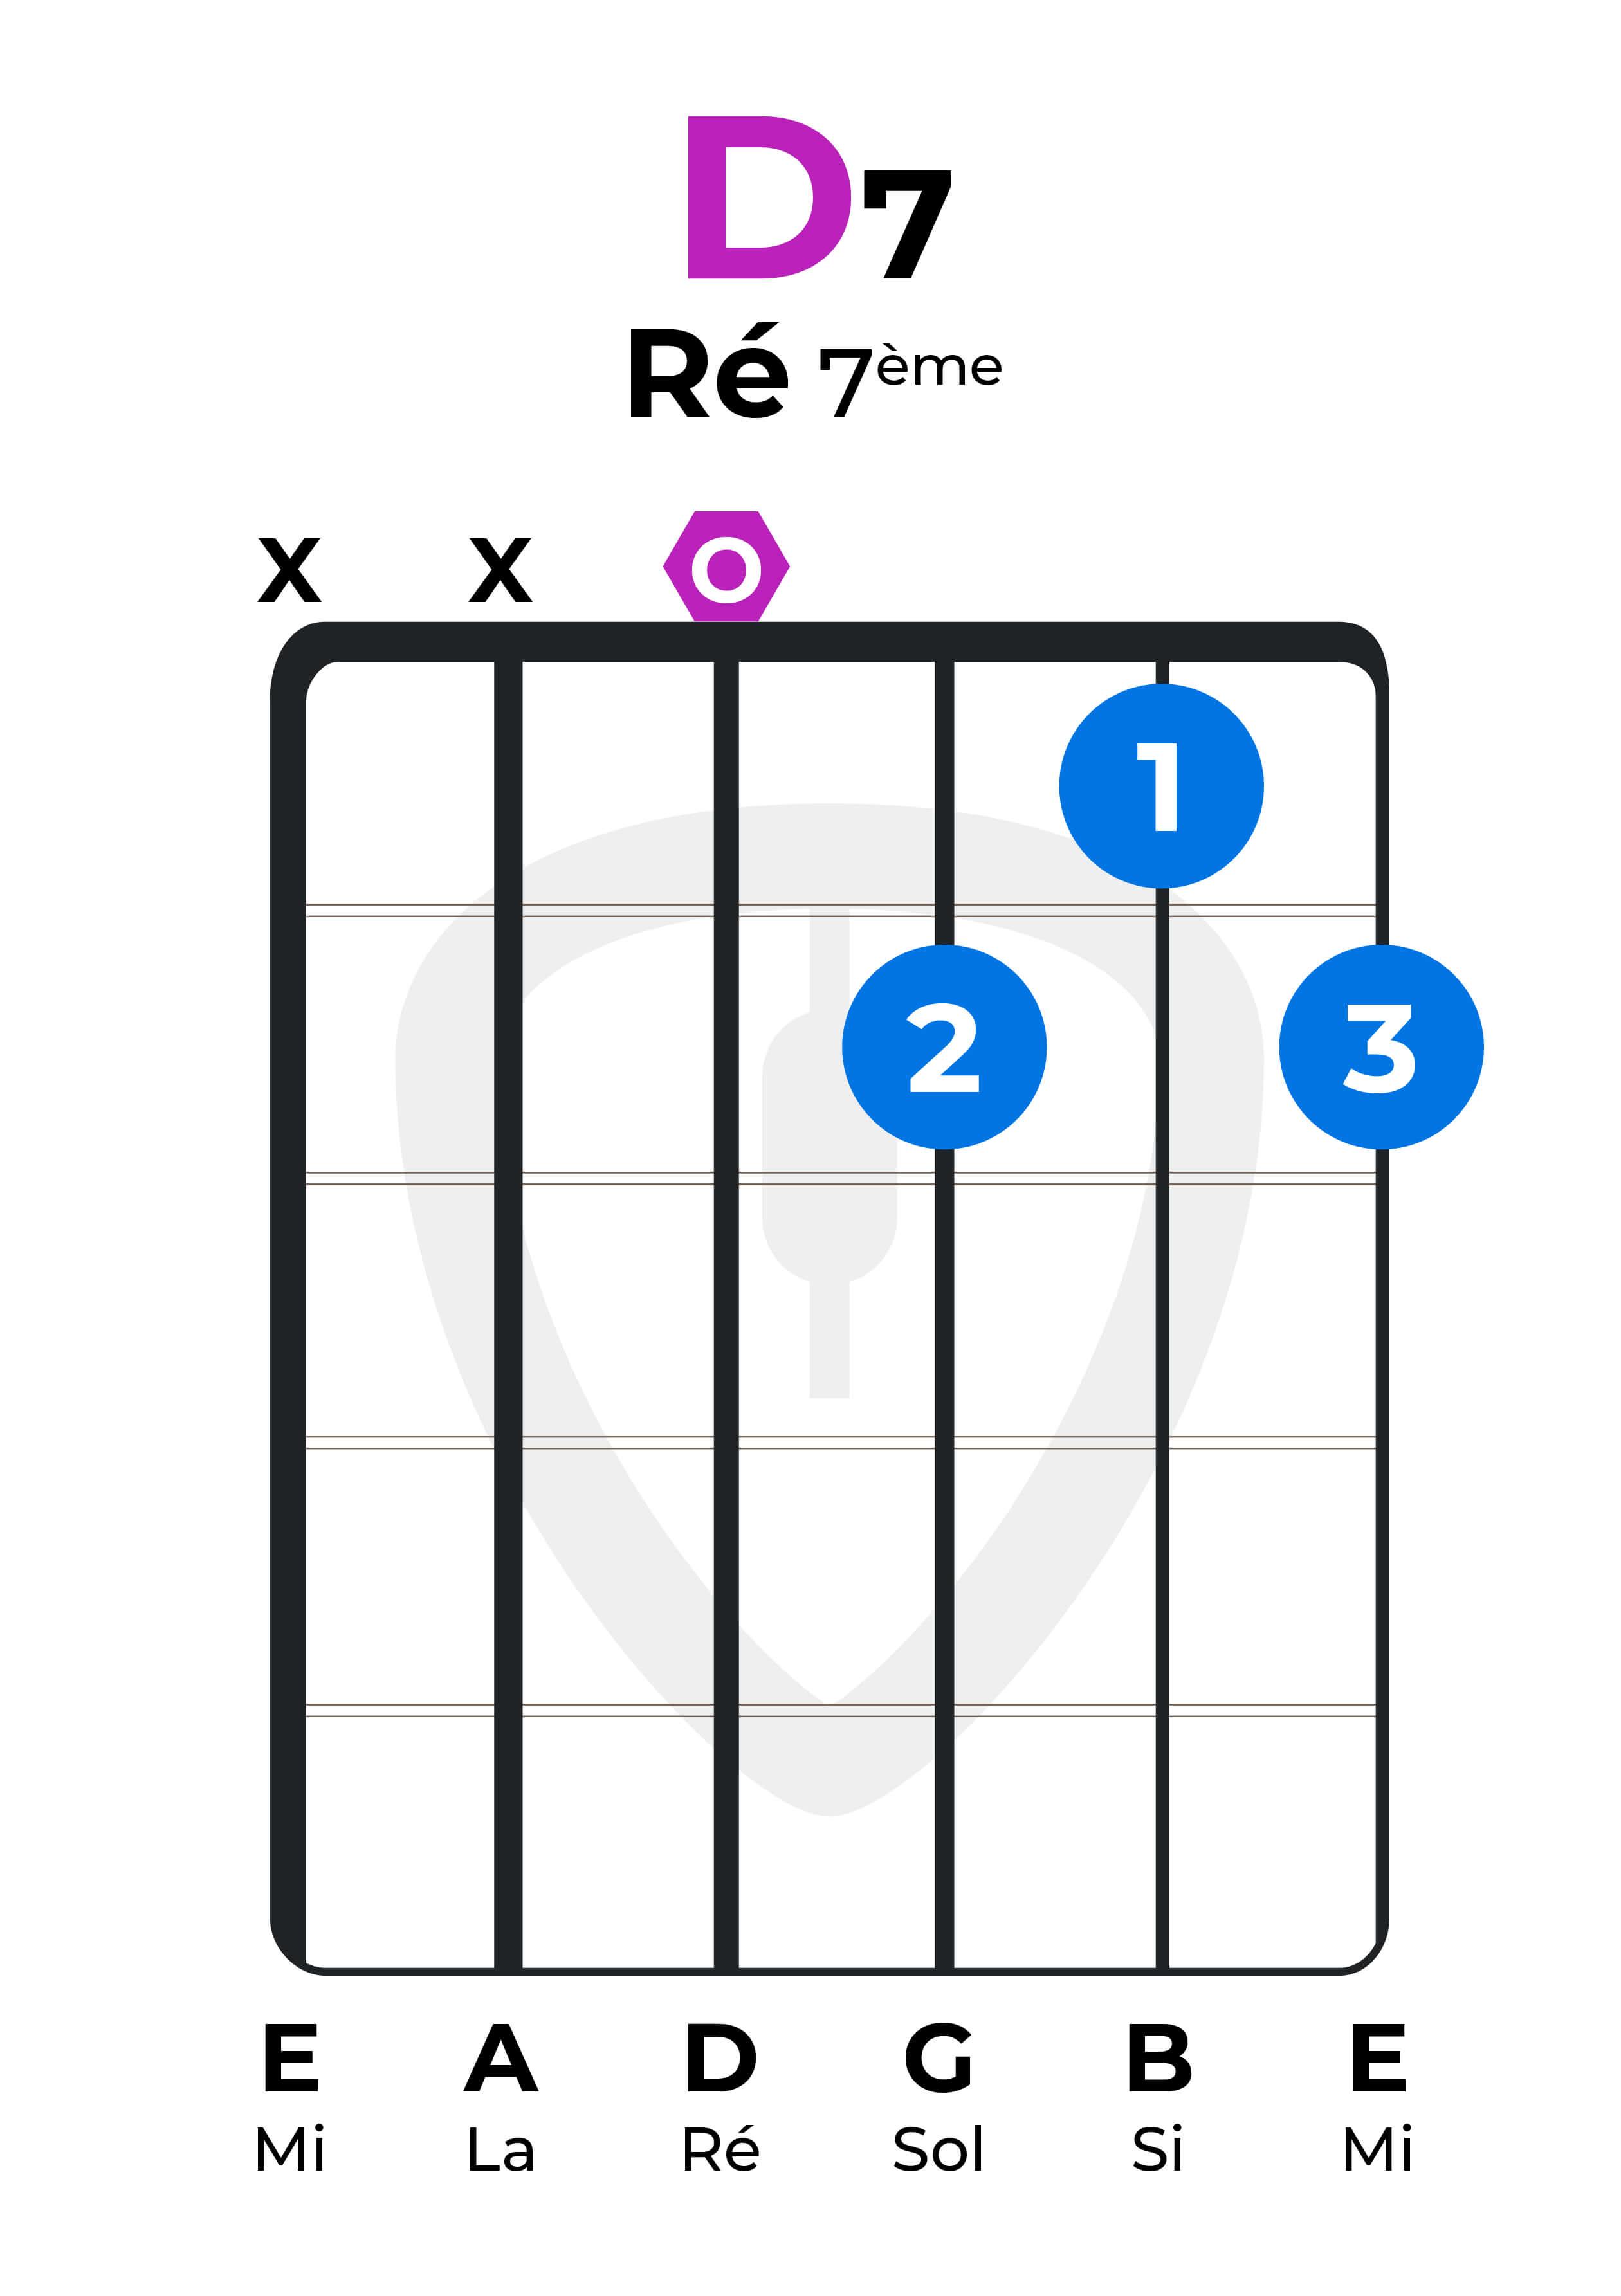 dictionnaire accords guitare Ré7 D7